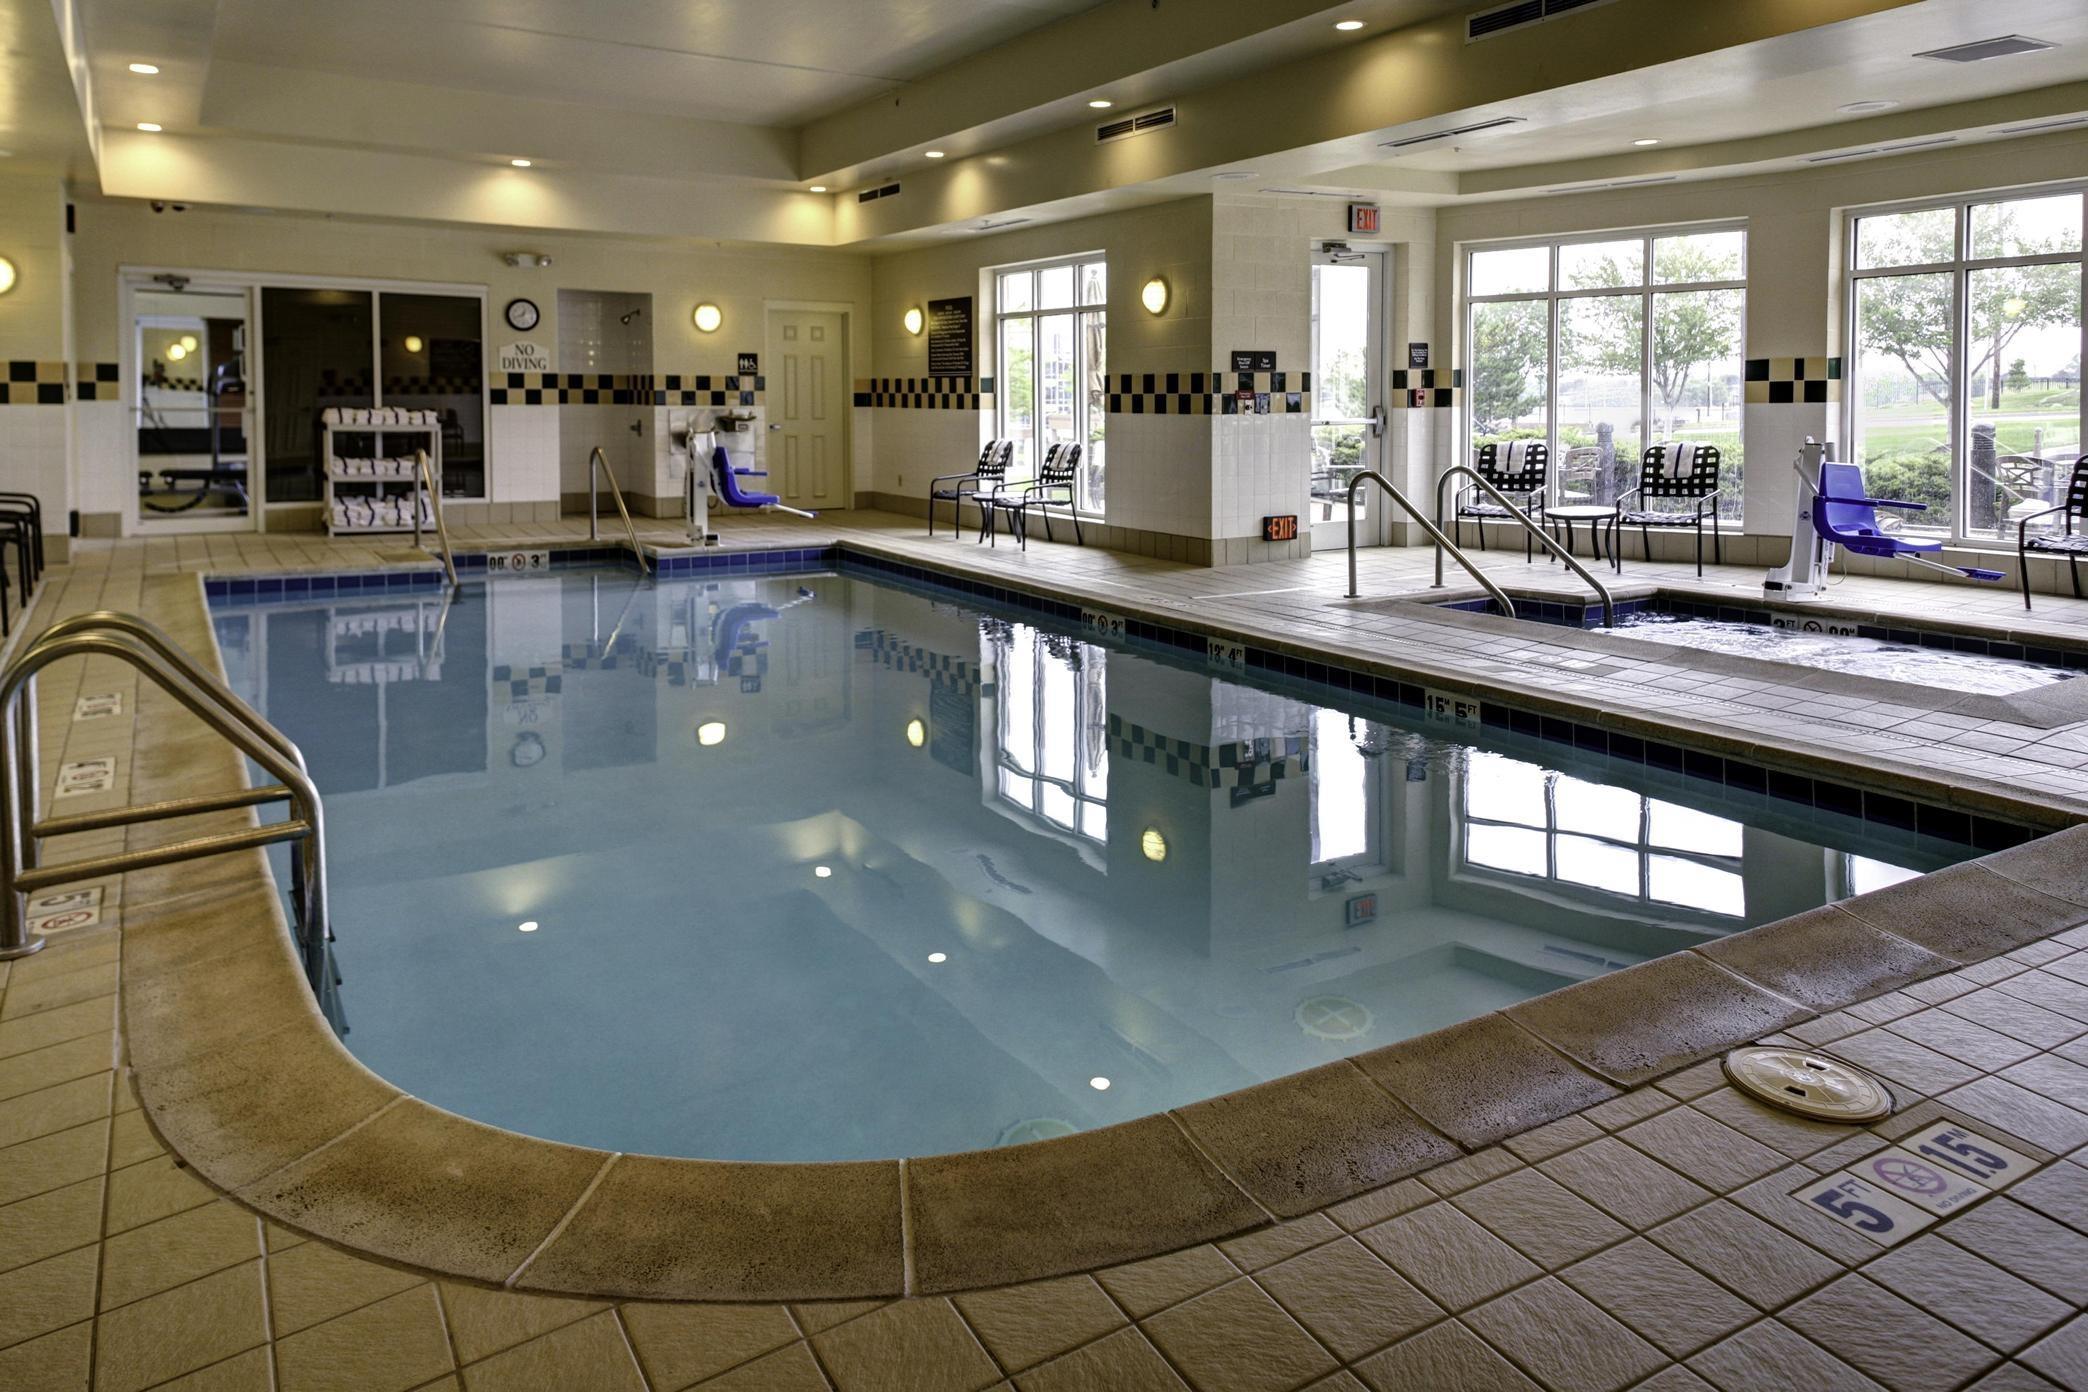 Hilton Garden Inn Overland Park In Overland Park Ks 66211